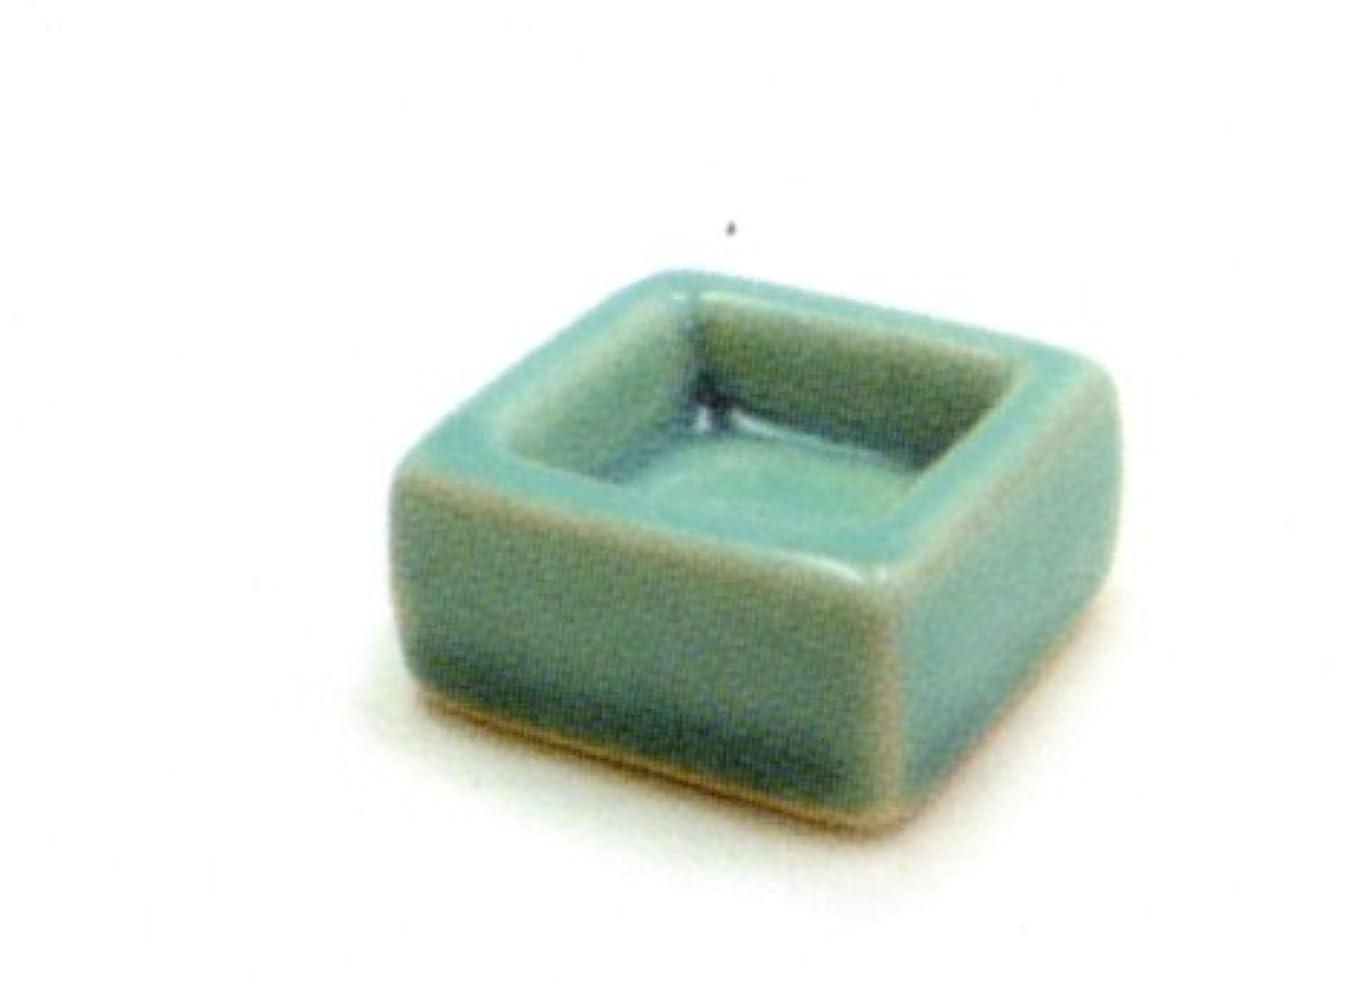 三番トランクライブラリオゾン響(ひびき)香台 箱 「ブルー」